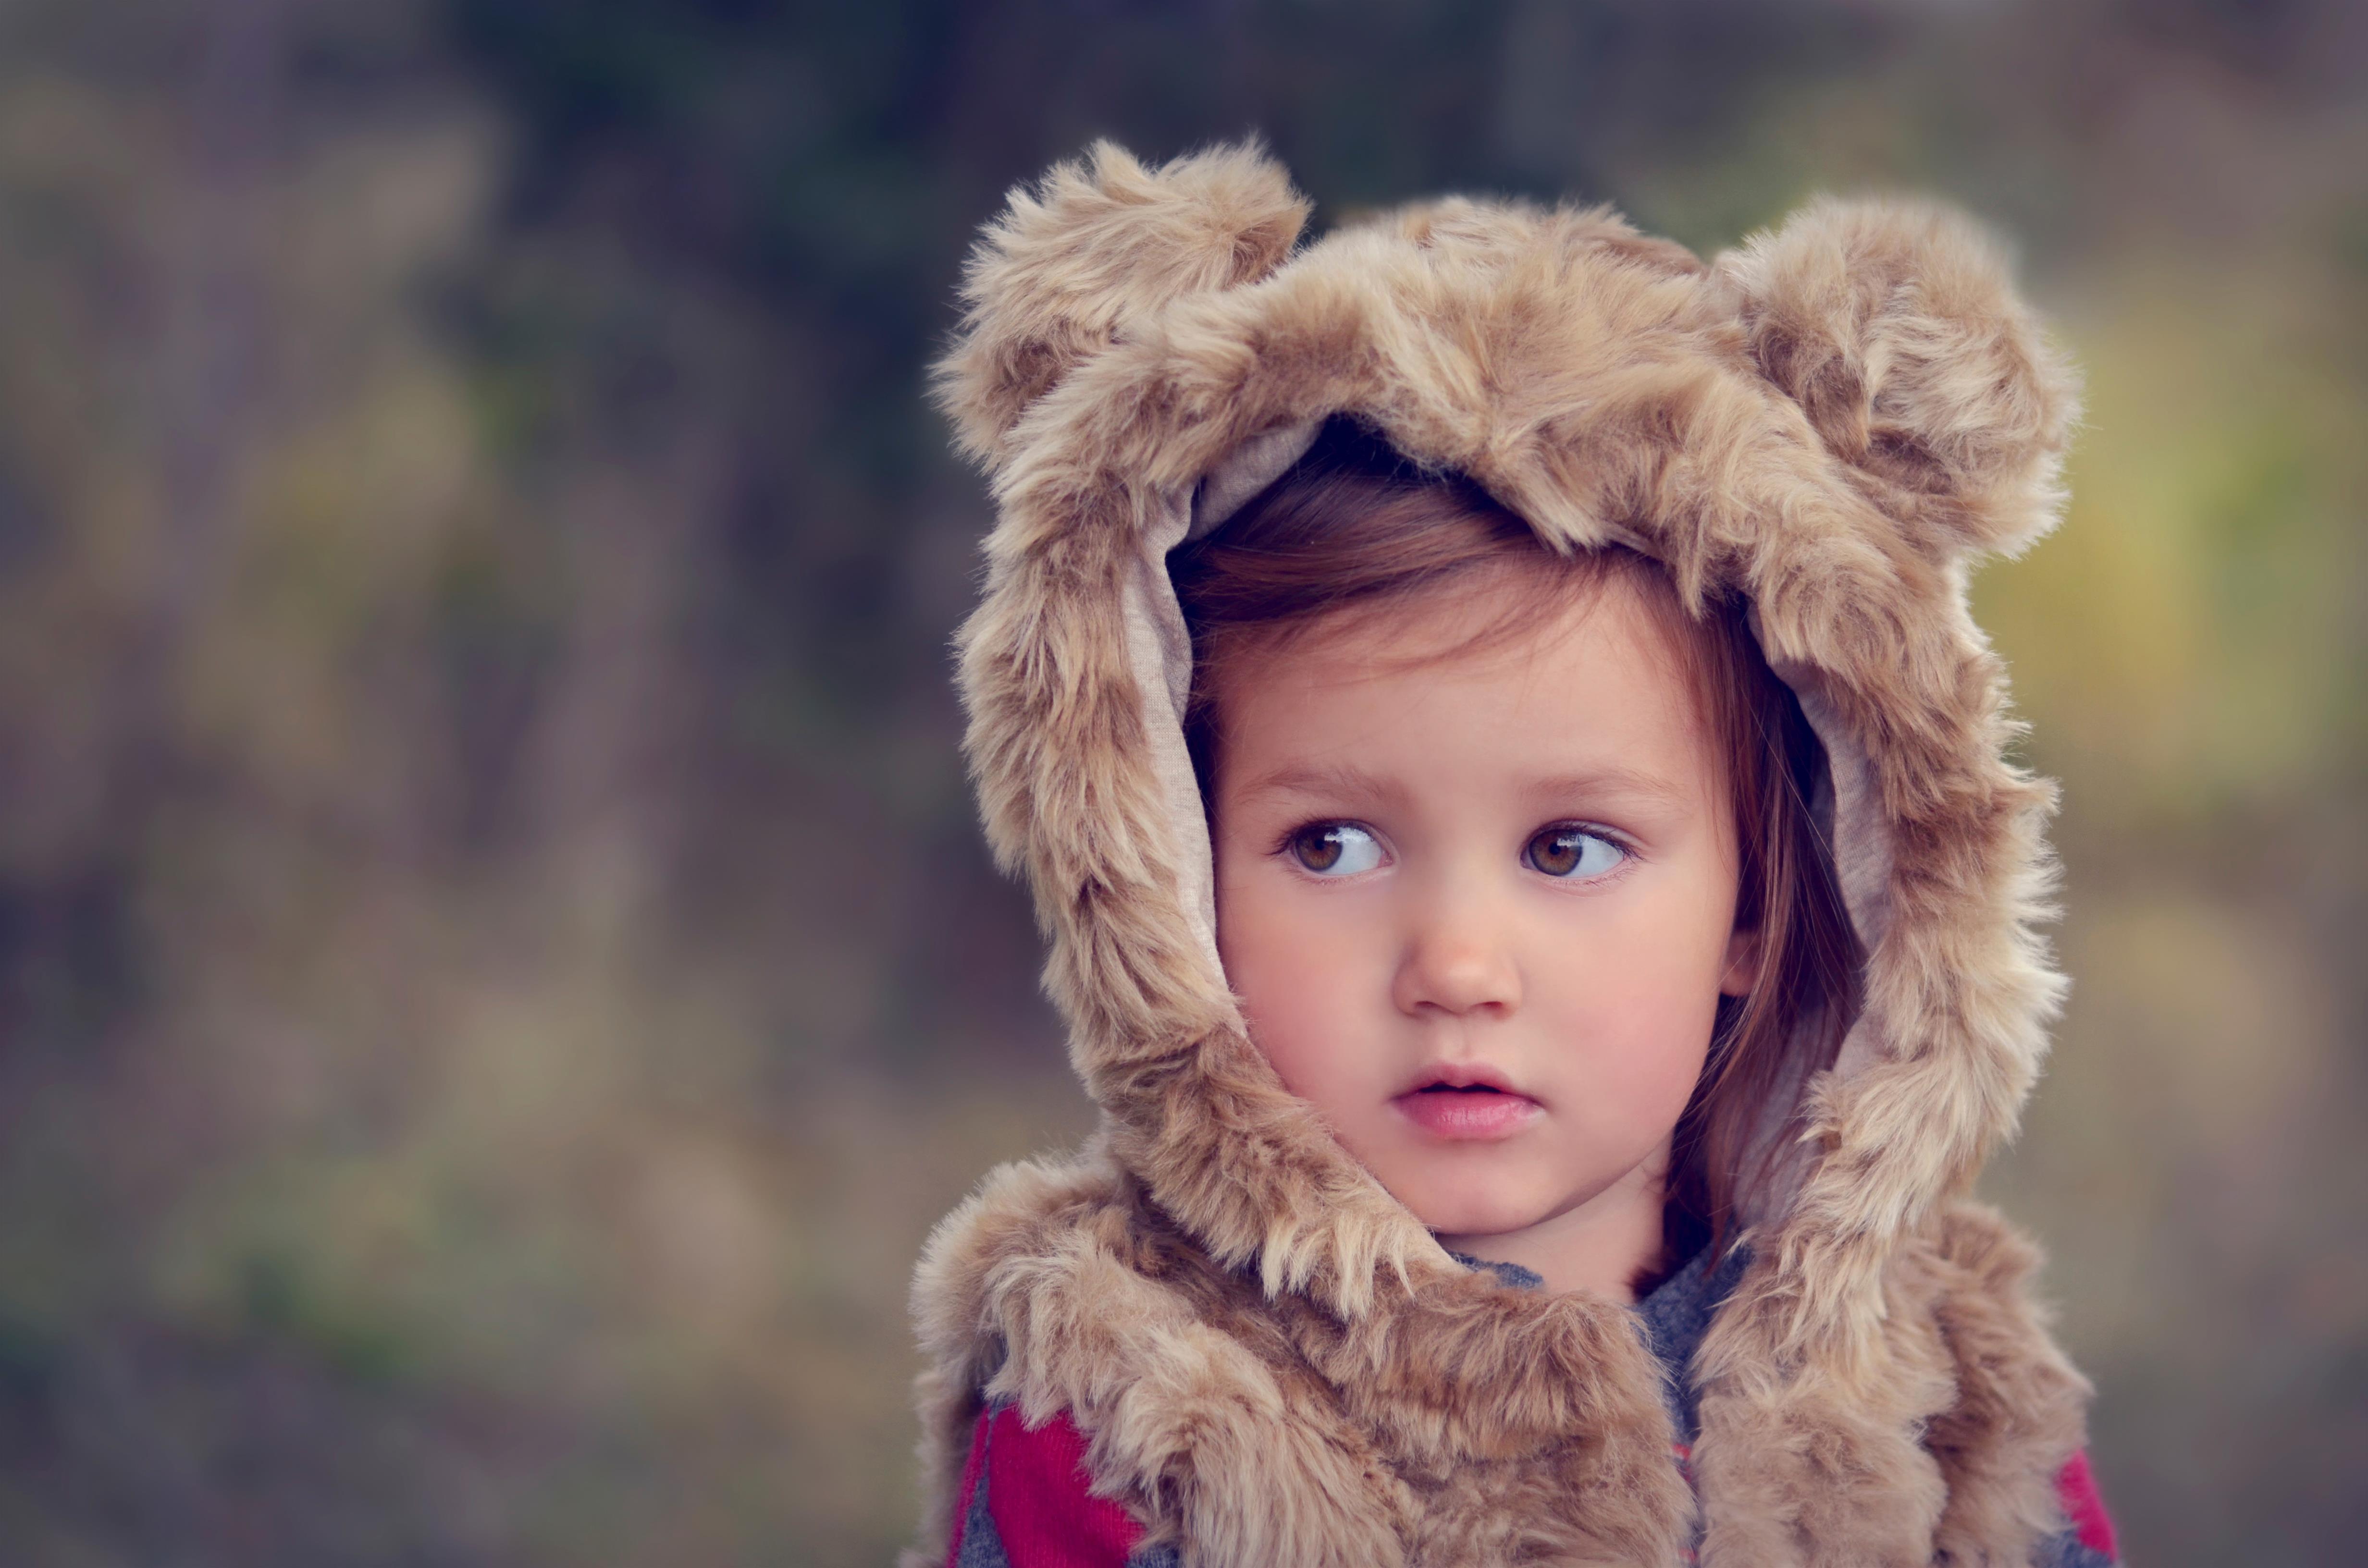 Картинка: Девочка, взгляд в сторону, костюм, жилетка, шерсть, медвежьи ушки